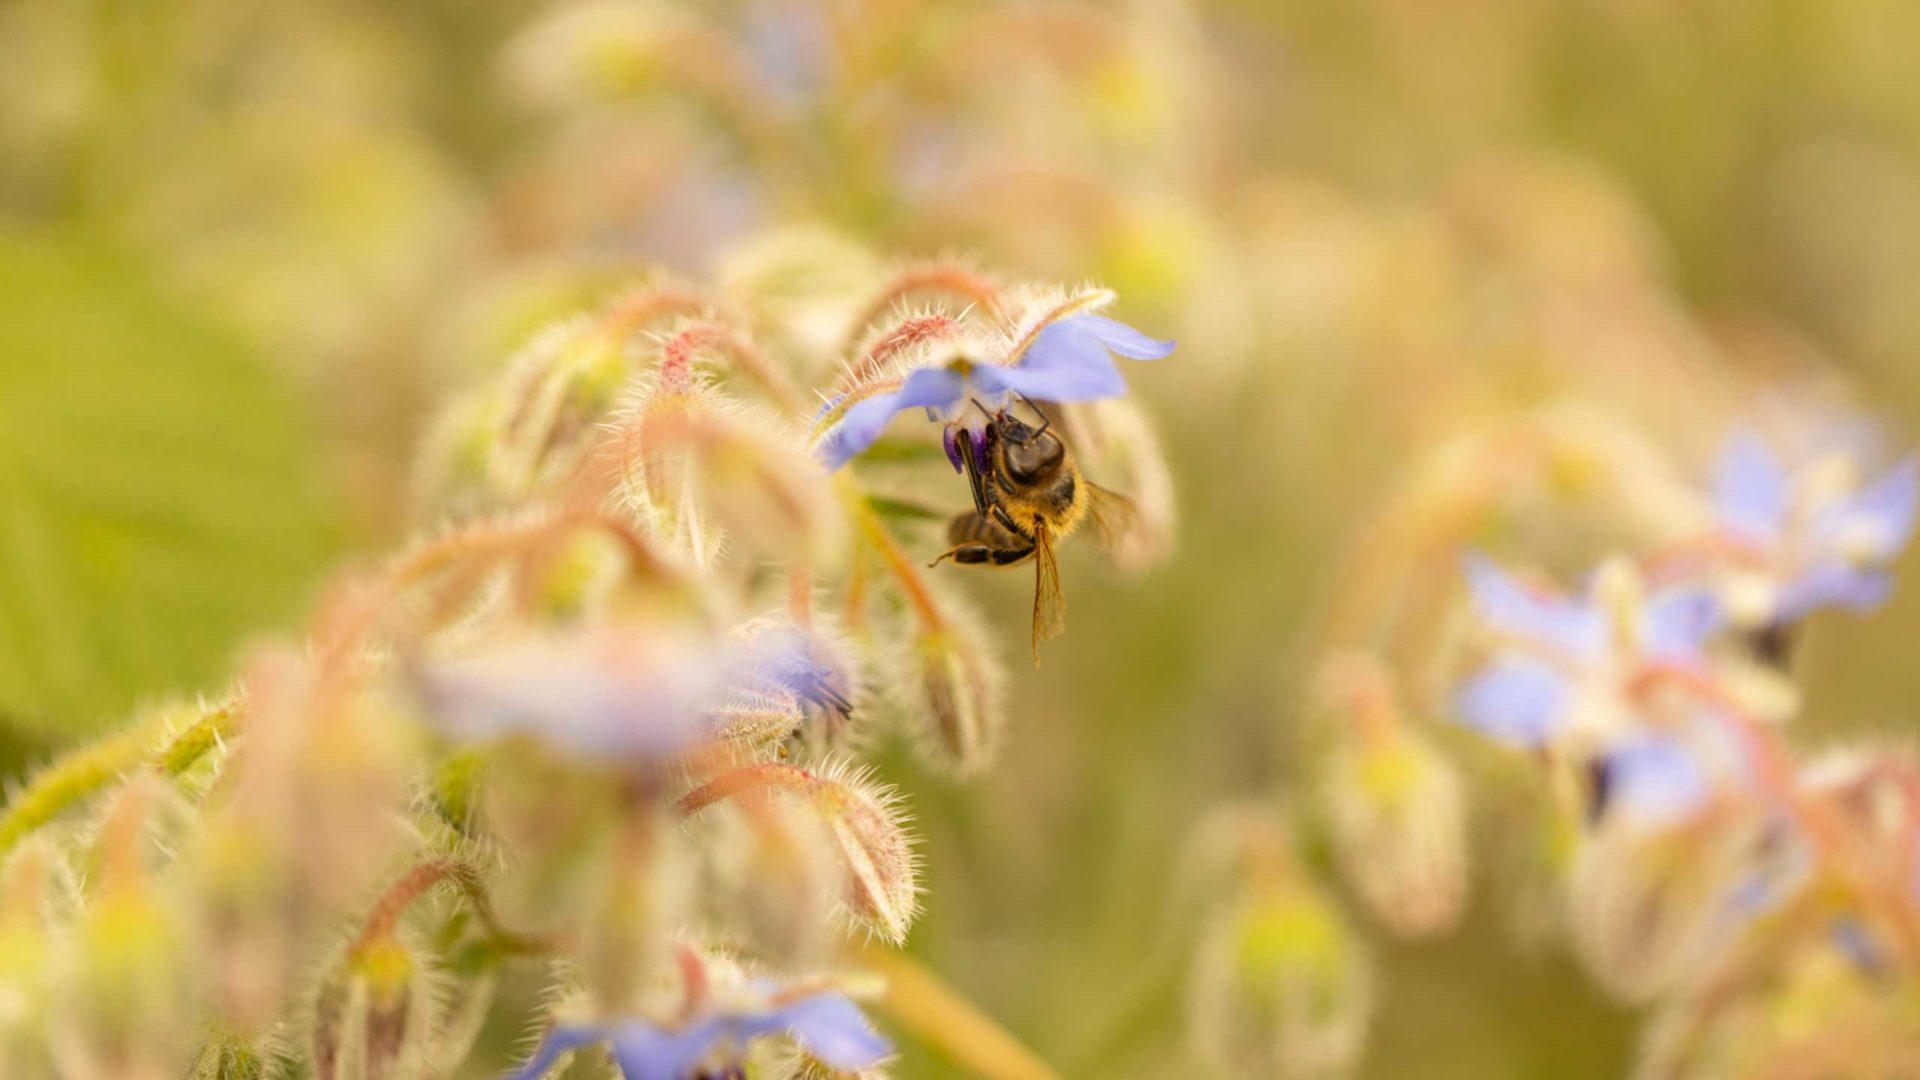 Nahaufnahme einer Biene auf einer Blume